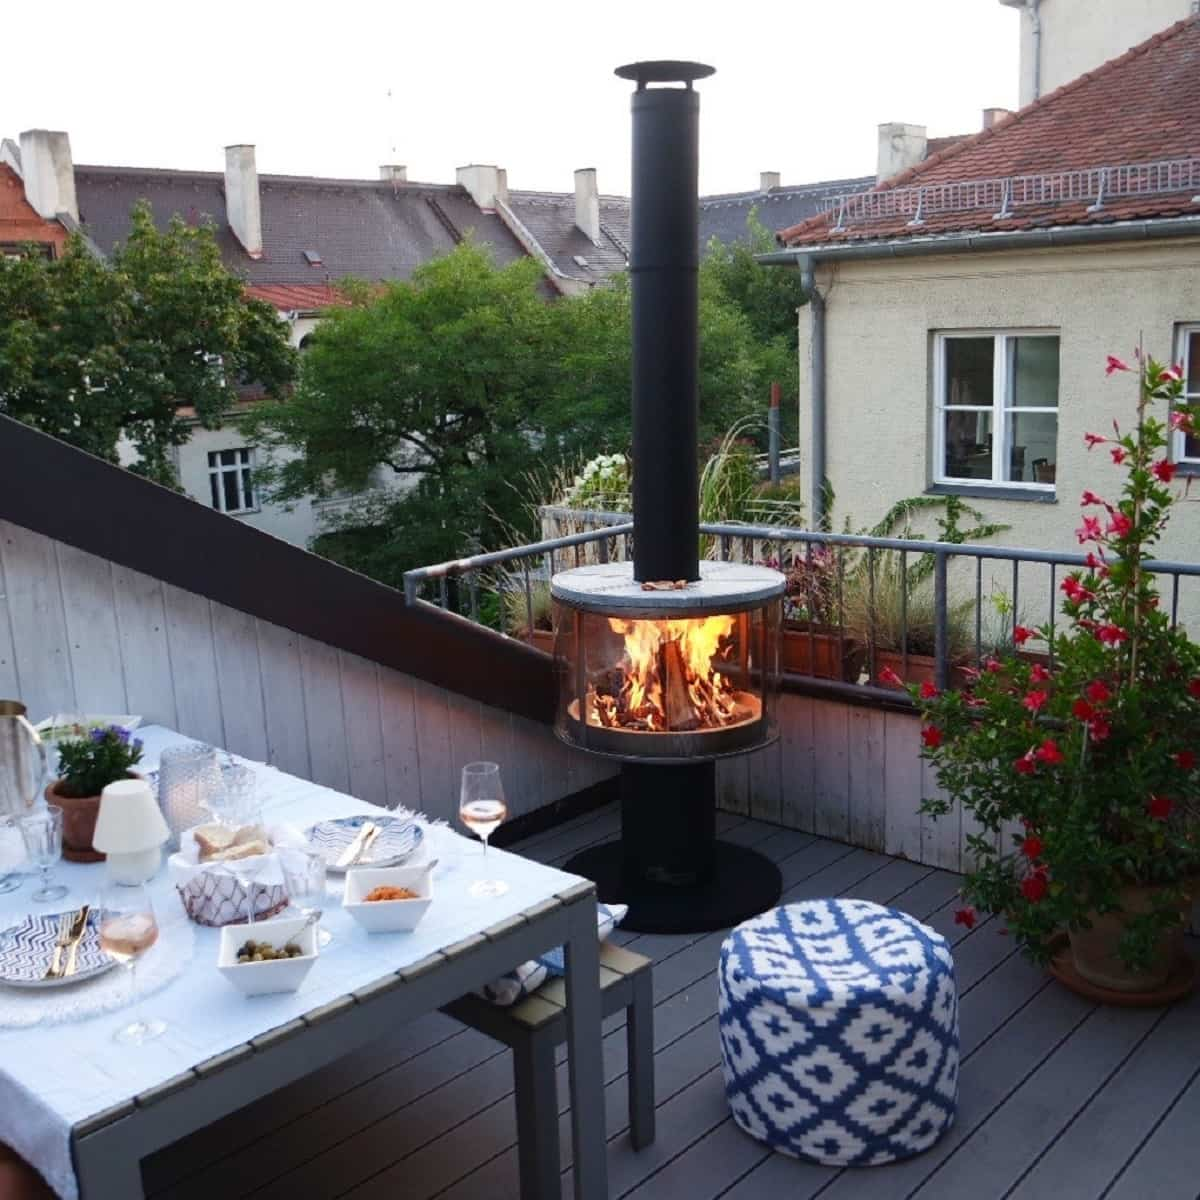 estufas de exterior para disfrutando de la terraza todo el ano 10